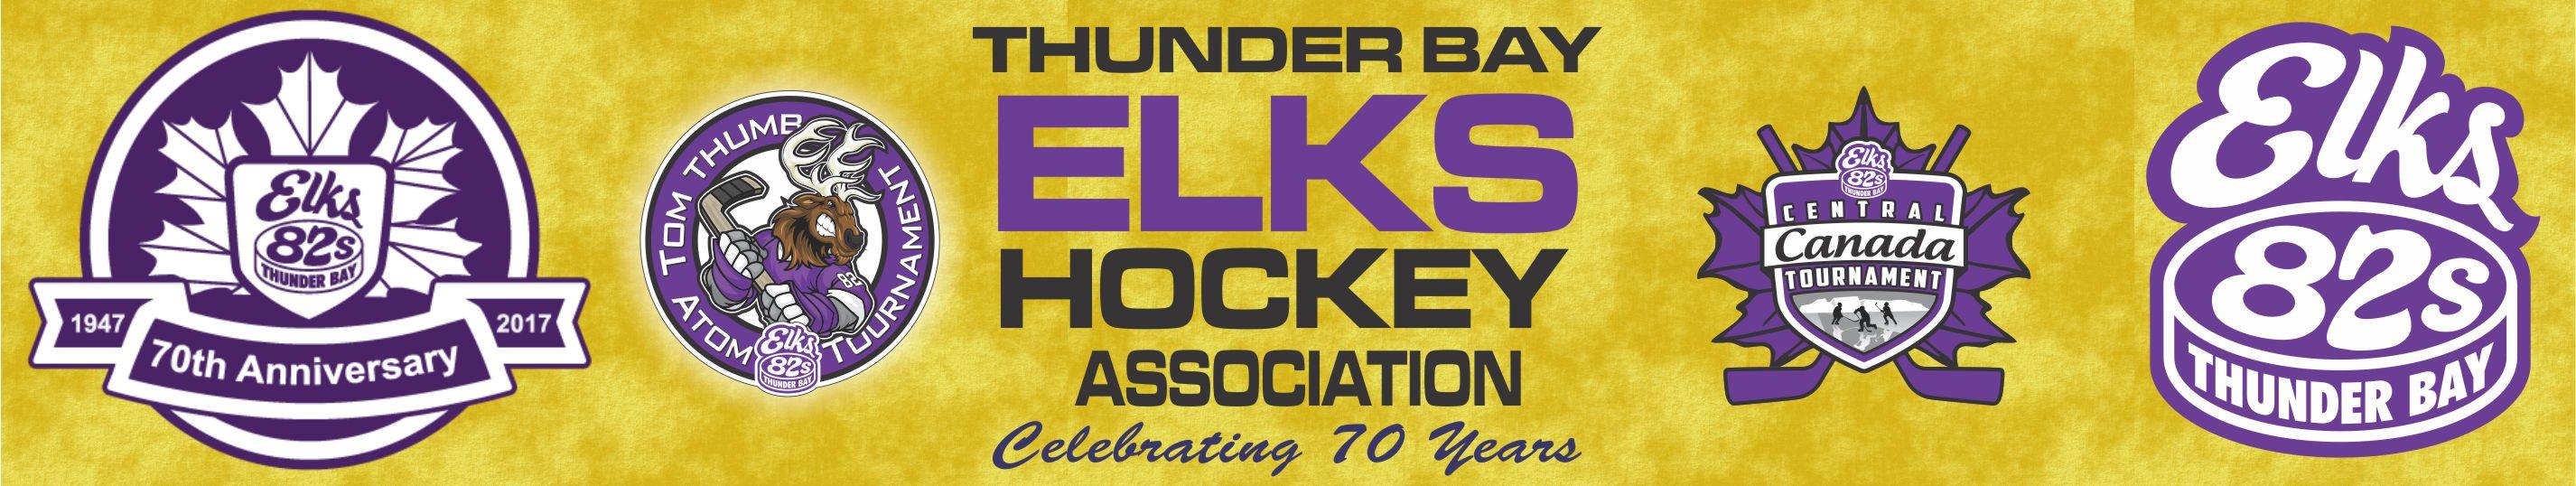 Thunder Bay Elks Hockey Association